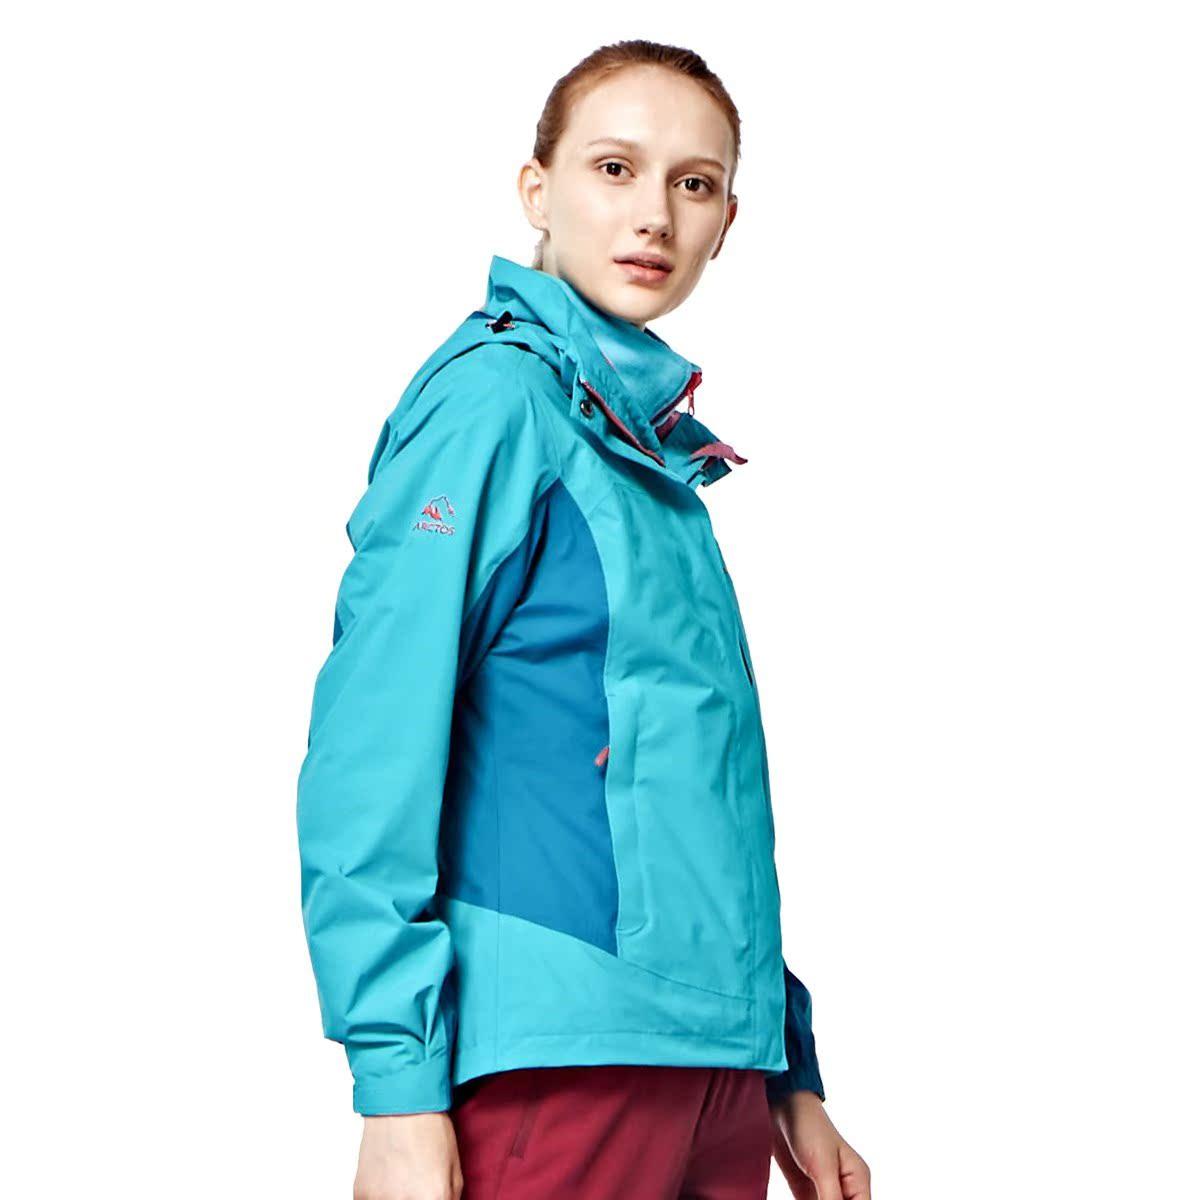 三合一防水保暖女士冲锋衣登山服特价撤柜款户外服装7.77